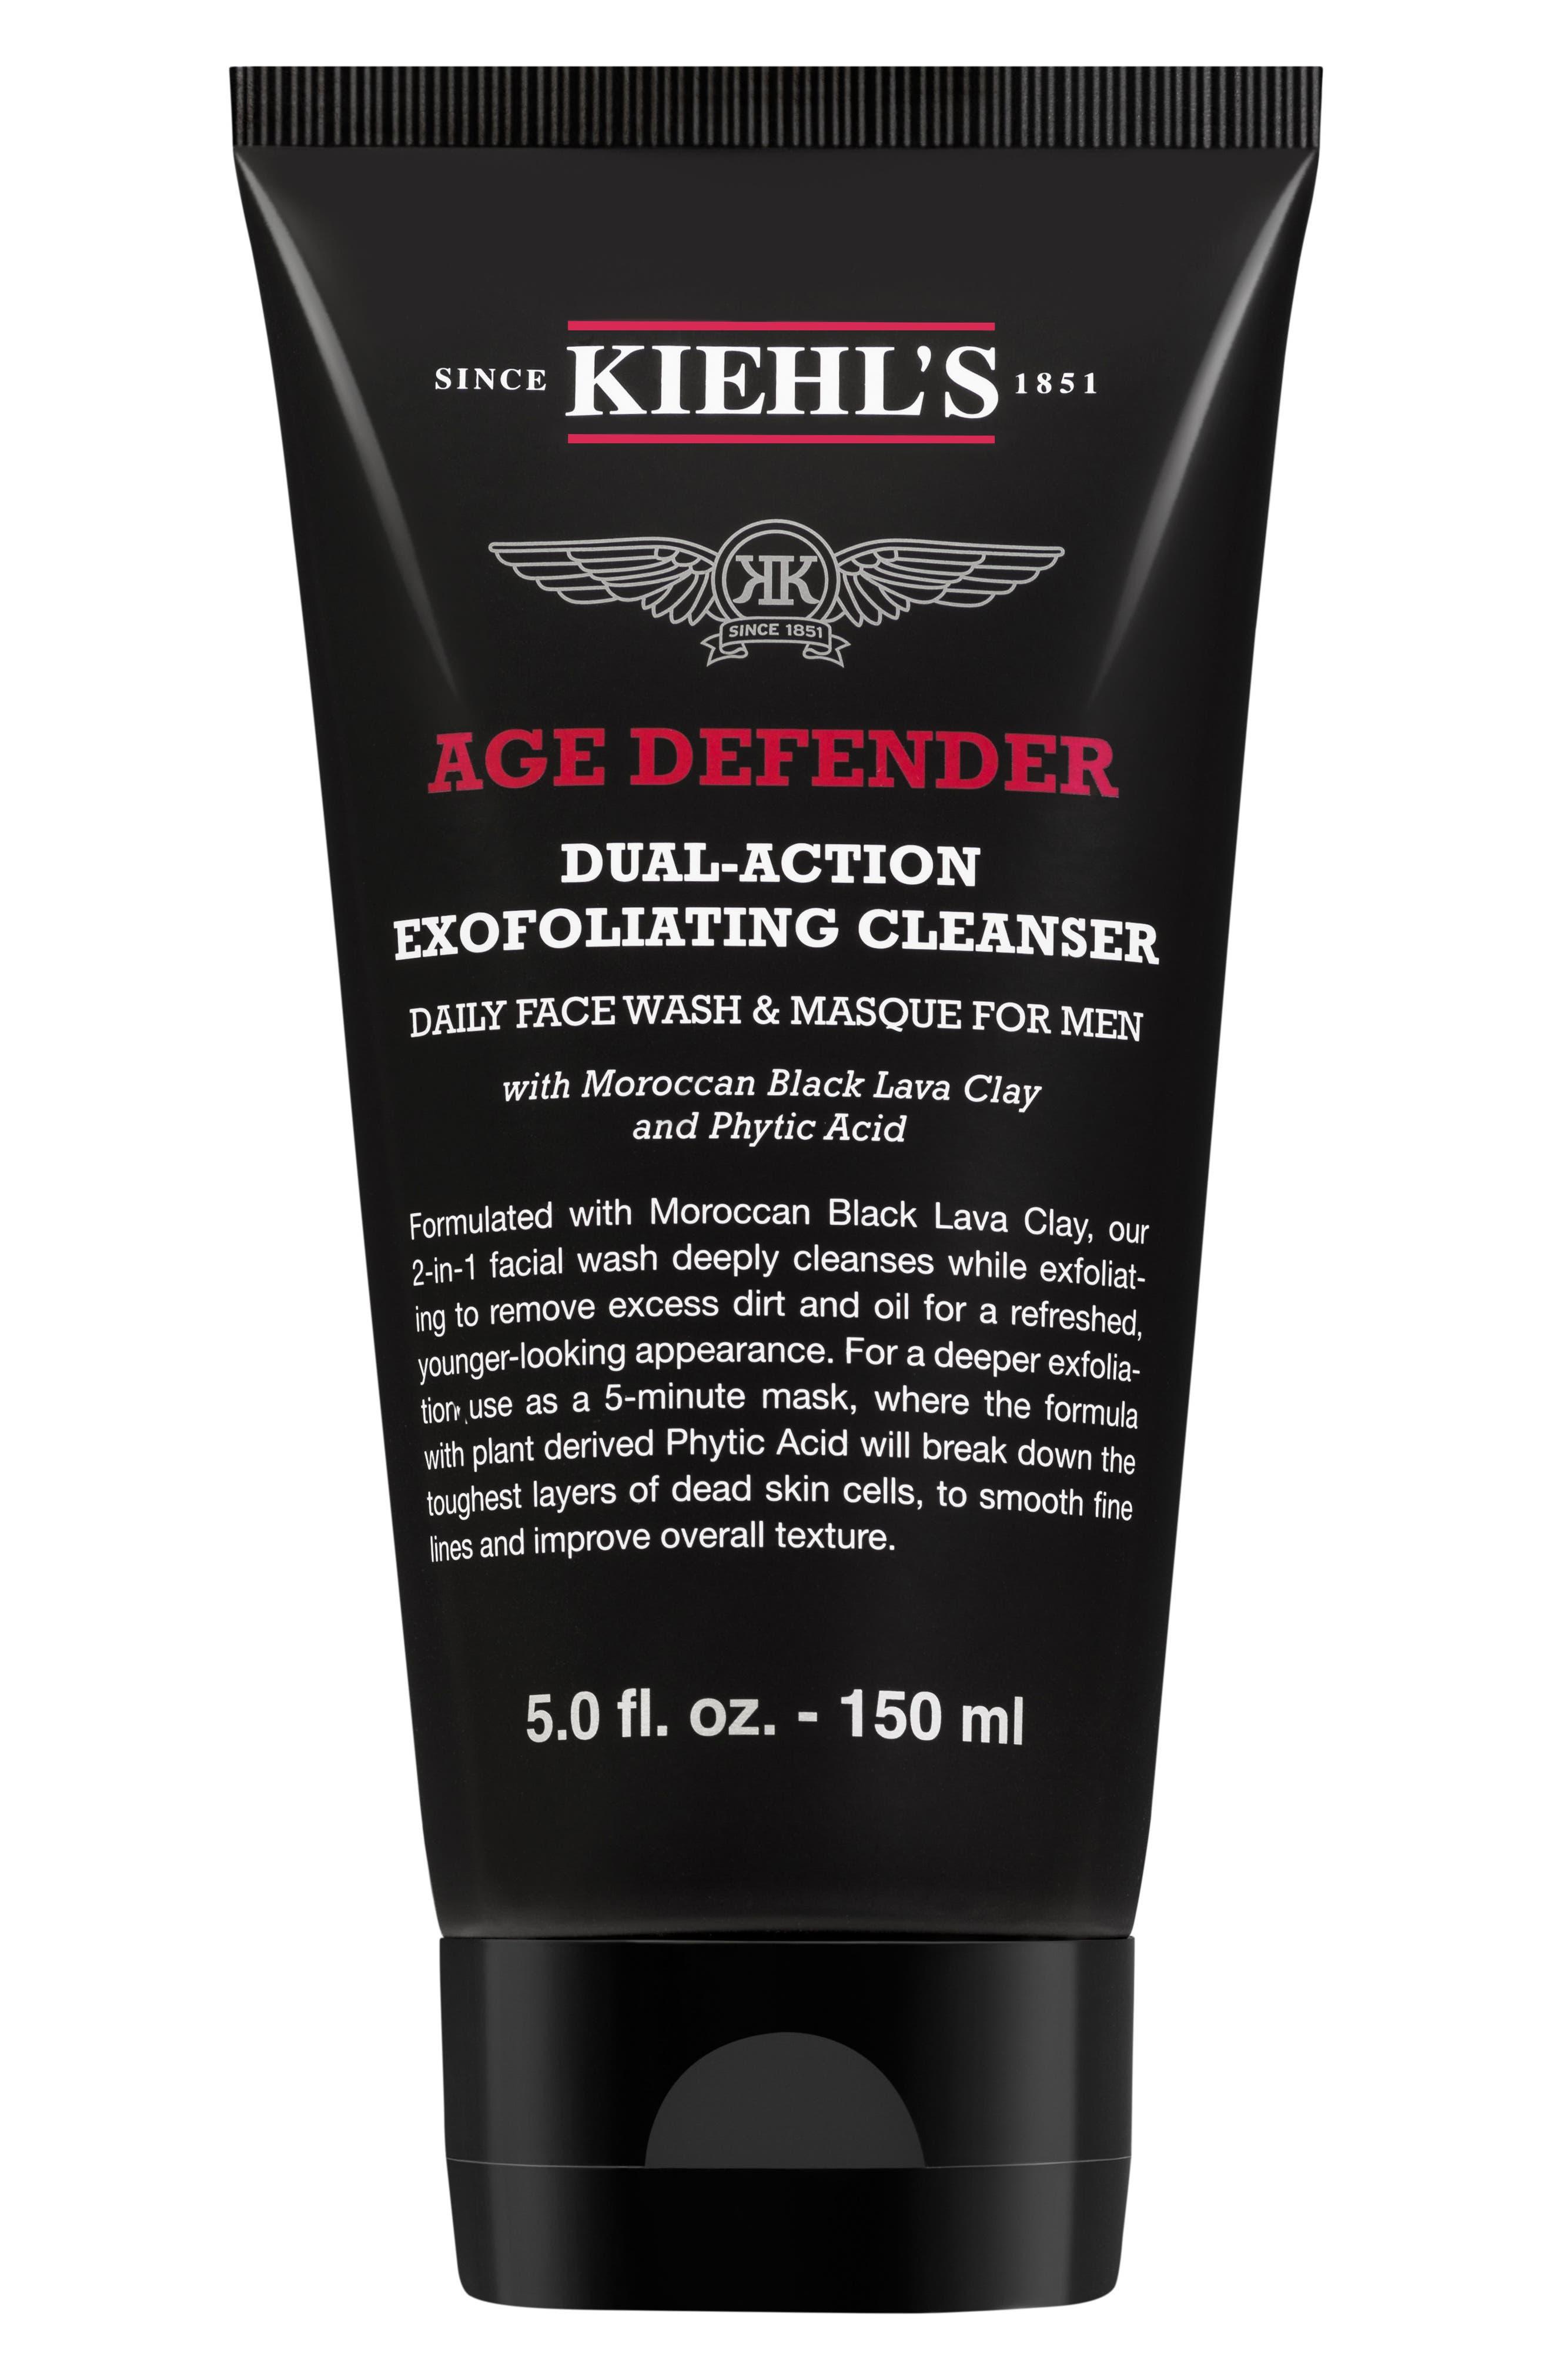 1851 Age Defender Cleanser